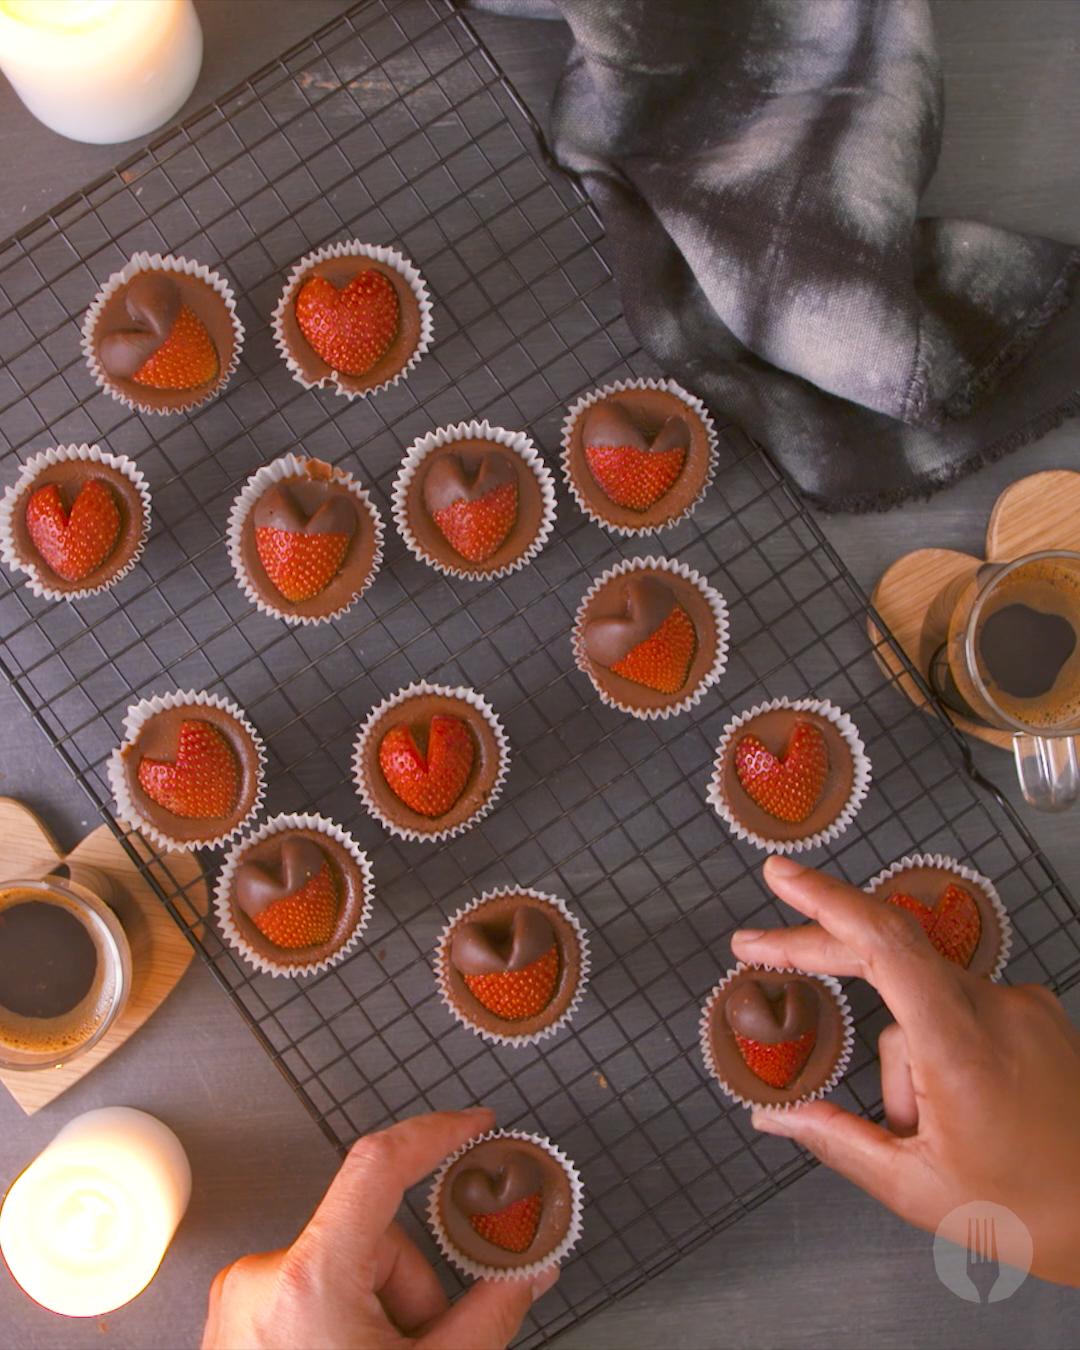 Strawberry Heart Chocolate Cheesecake Bites